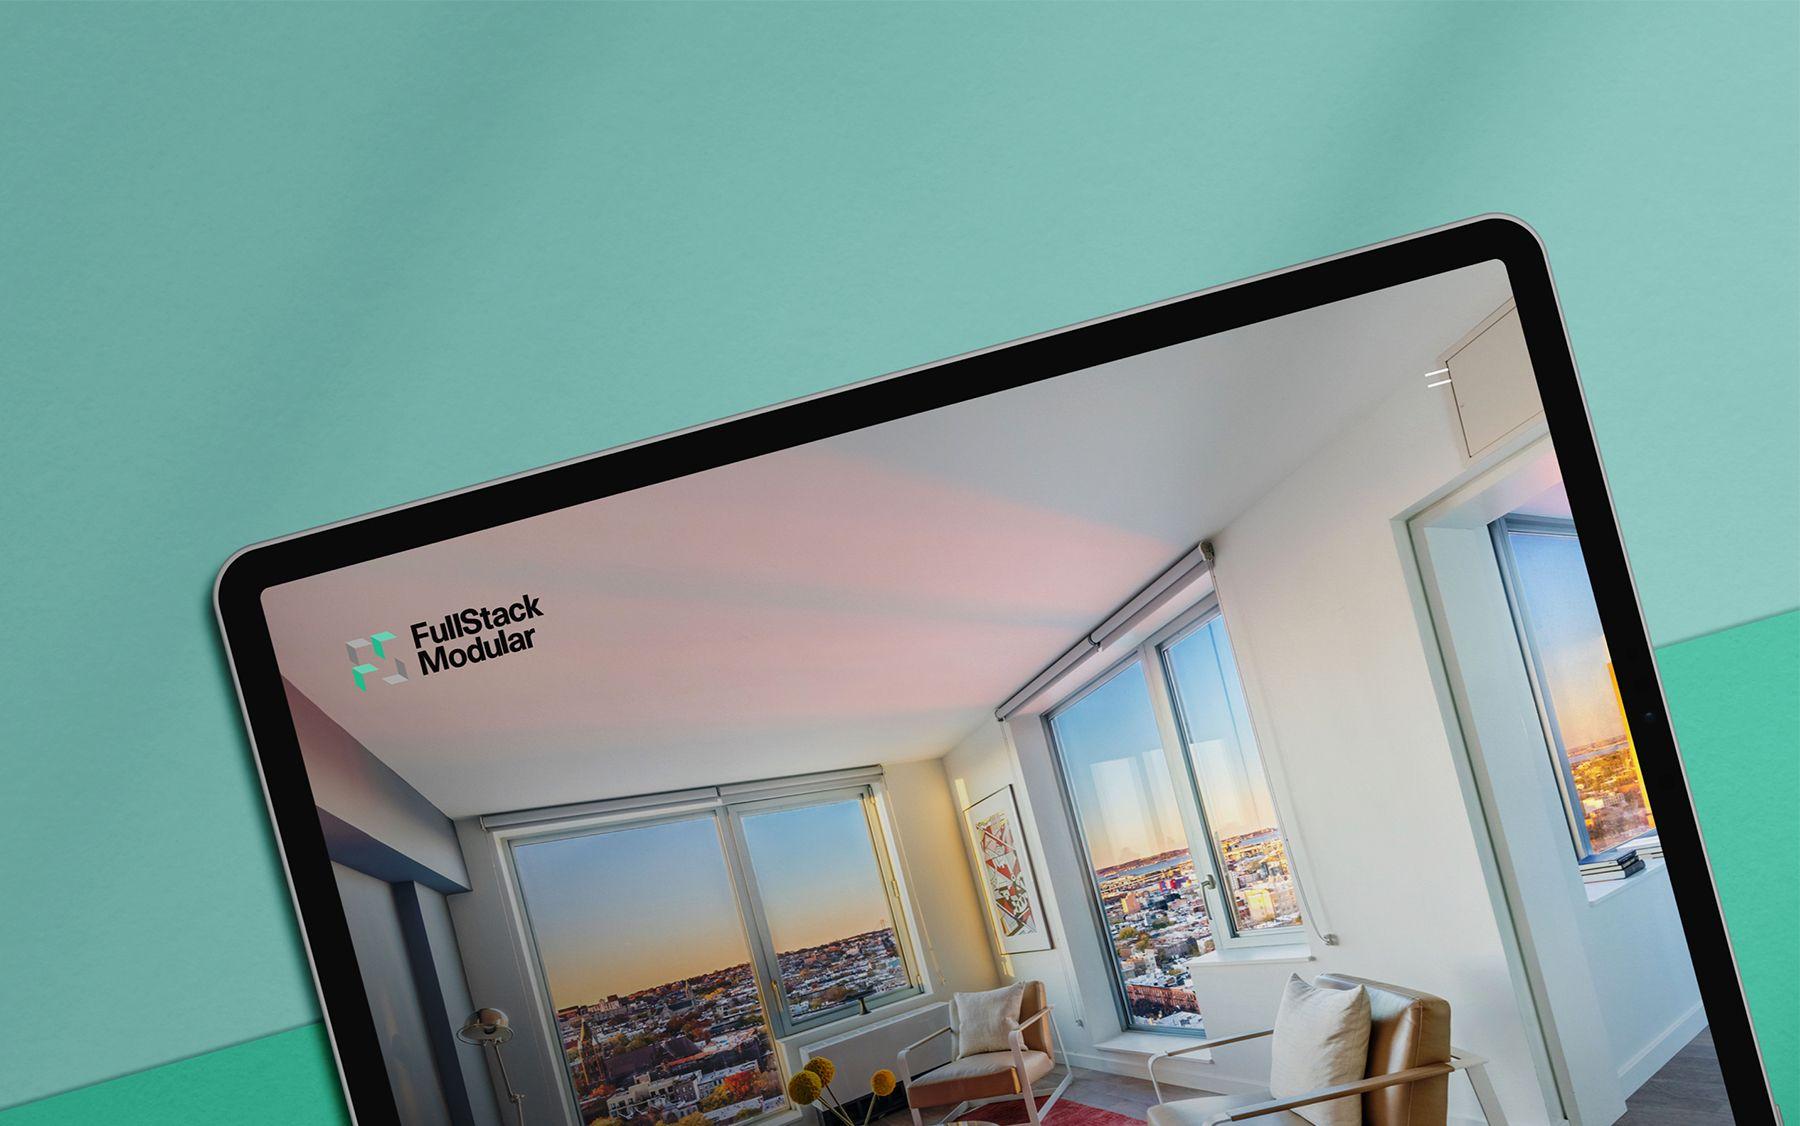 mobile image of Together Agency fullstack modular website design